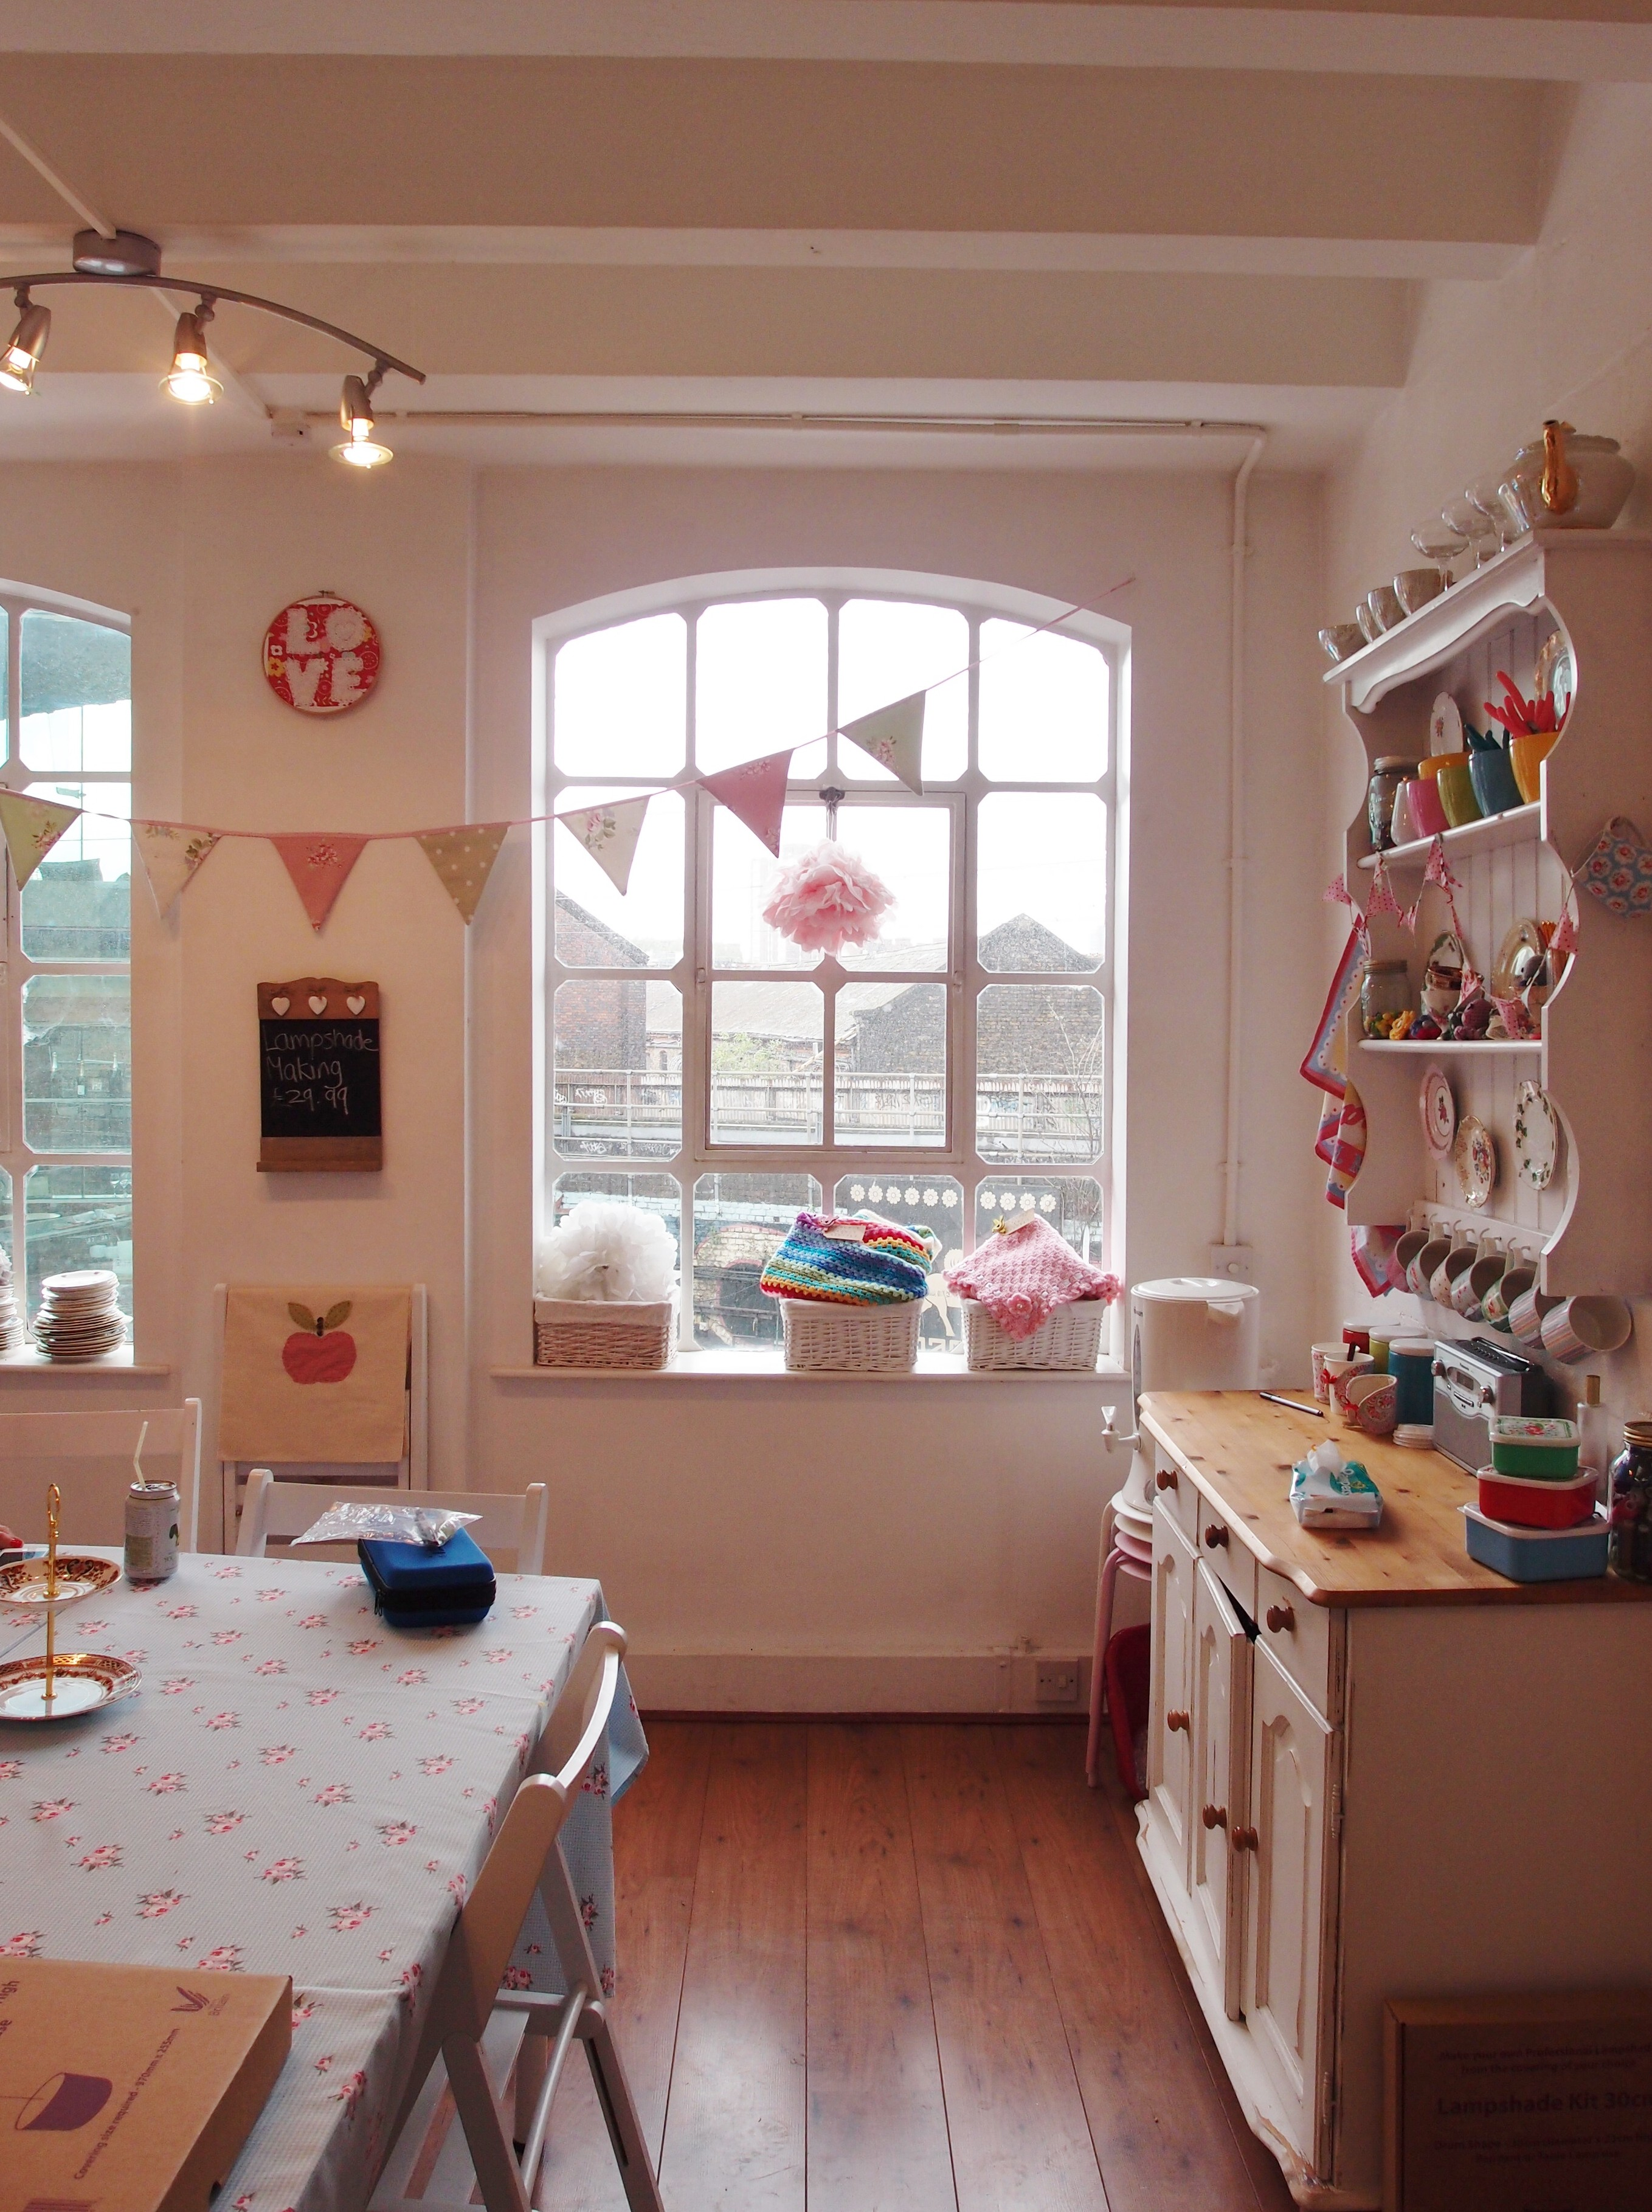 """イギリスの手芸教室 """"Tea and Crafting"""" で、ケーキスタンド作りを体験したときのお話"""